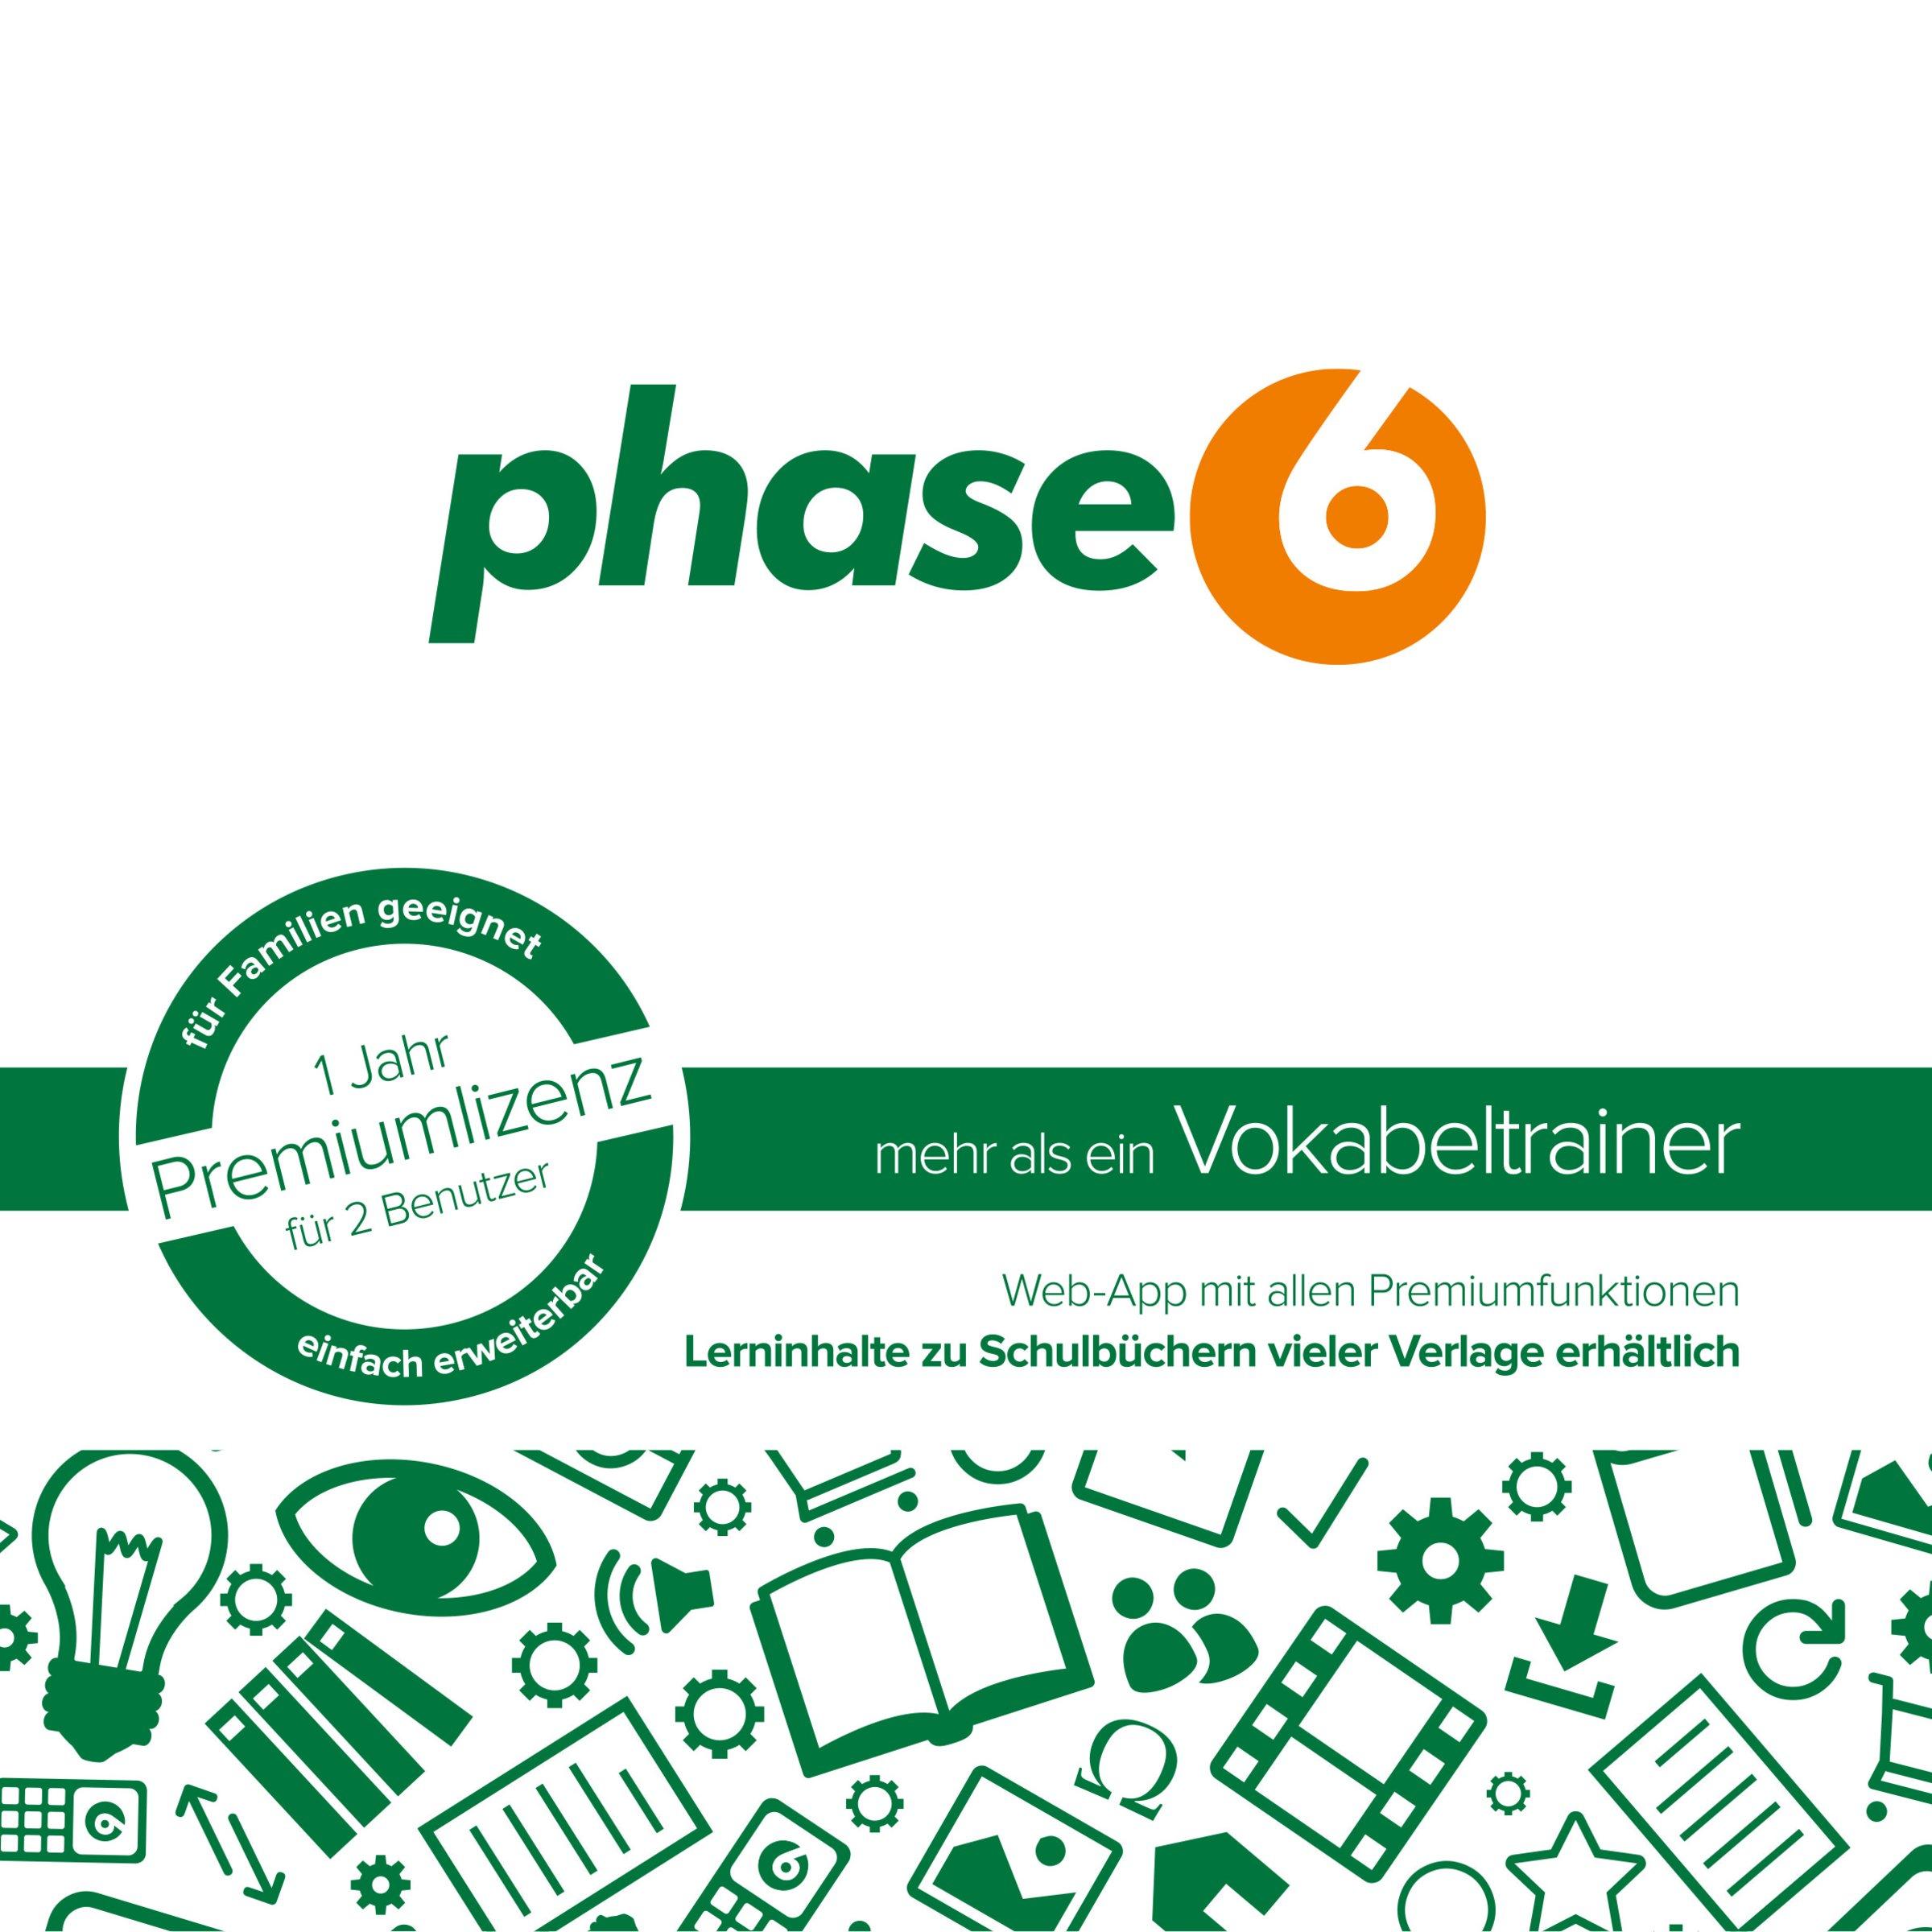 phase6 - mehr als ein Vokabeltrainer - Schachtel mit Codekärtchen und Infobroschüre: 1 Jahr Premiumlizenz für 2 Benutzer